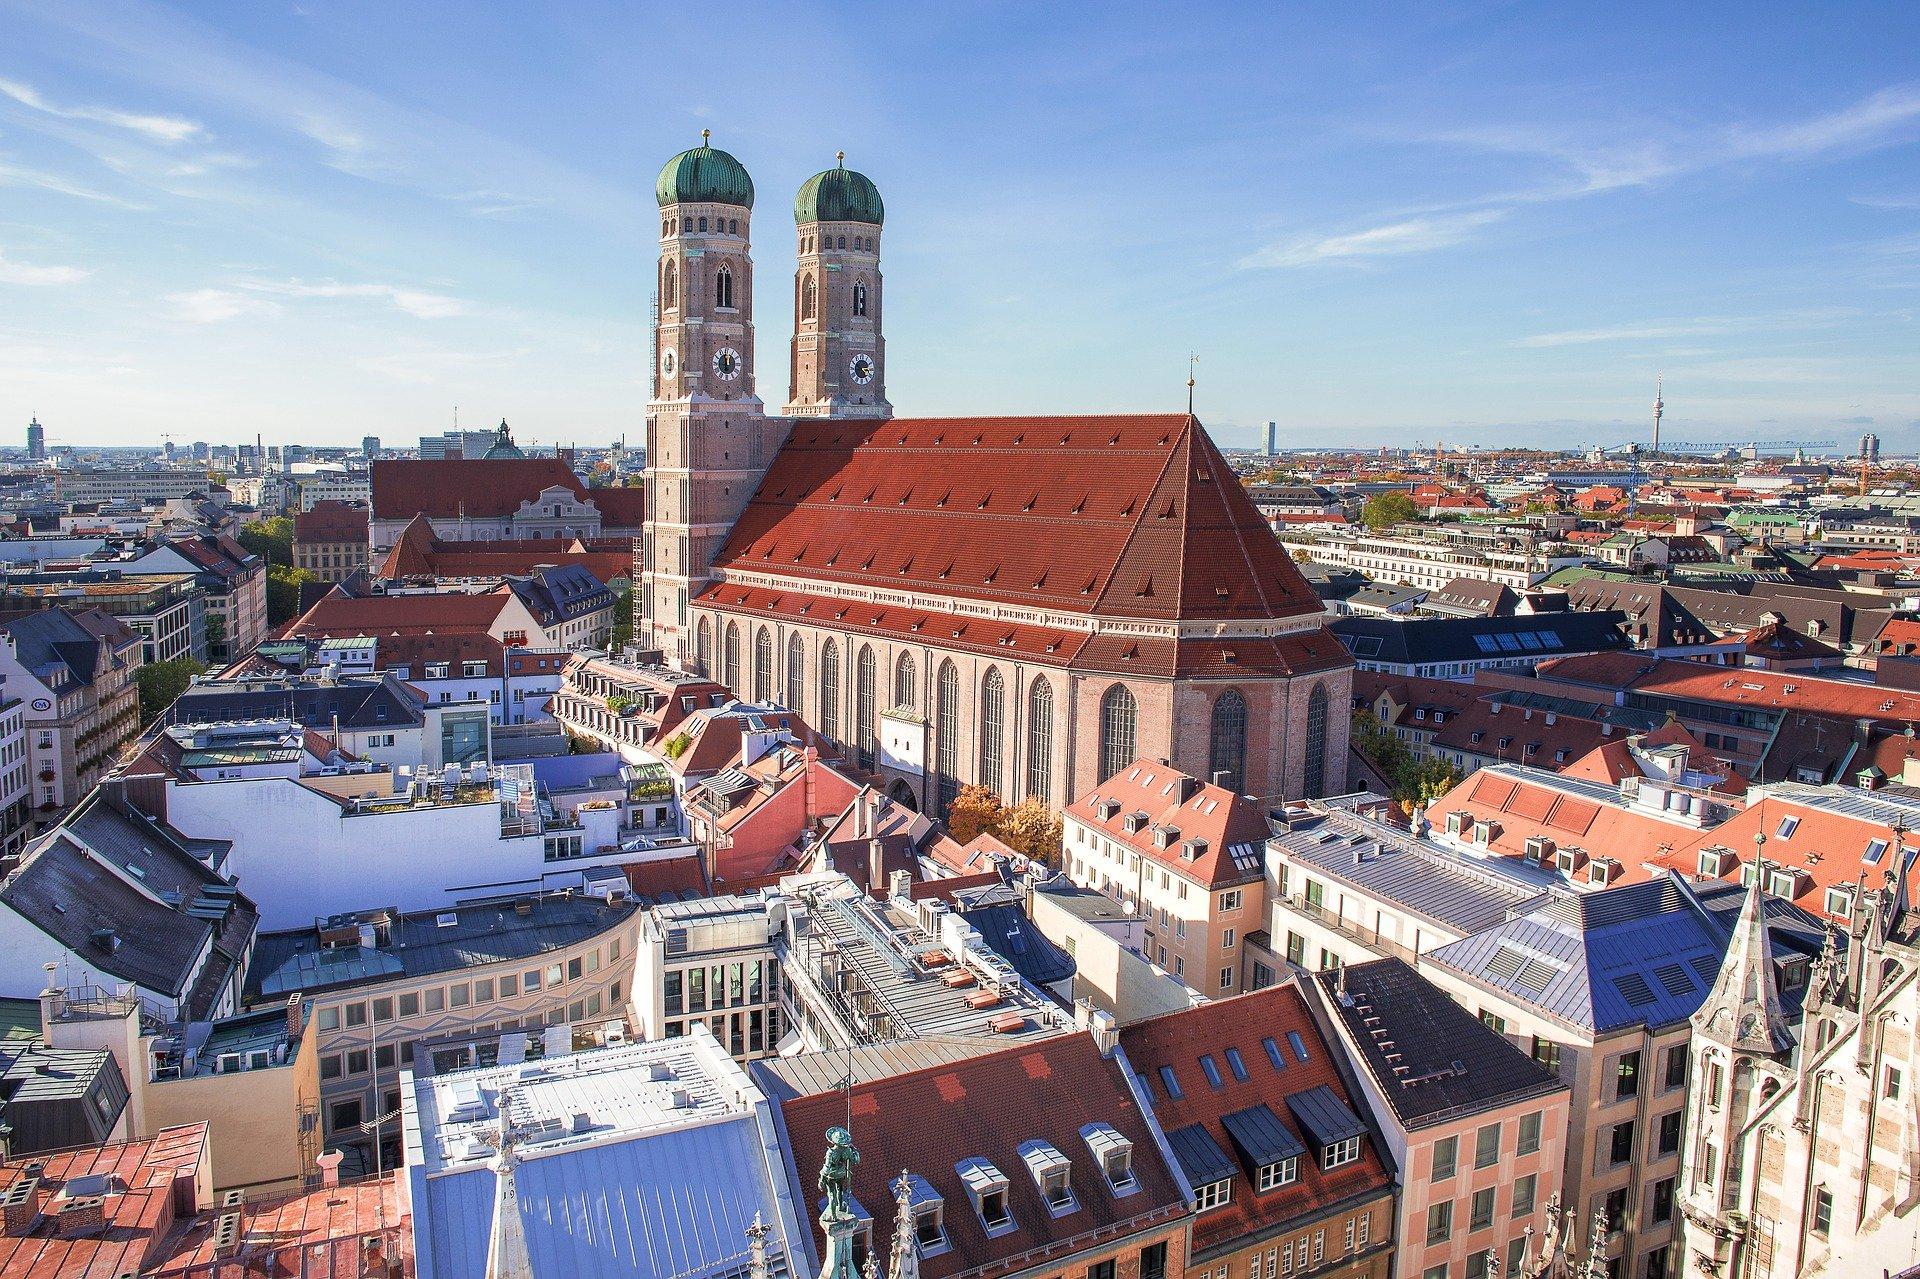 Le strade più costose della Germania: lusso, migliore posizione e indirizzi - Top 40+1